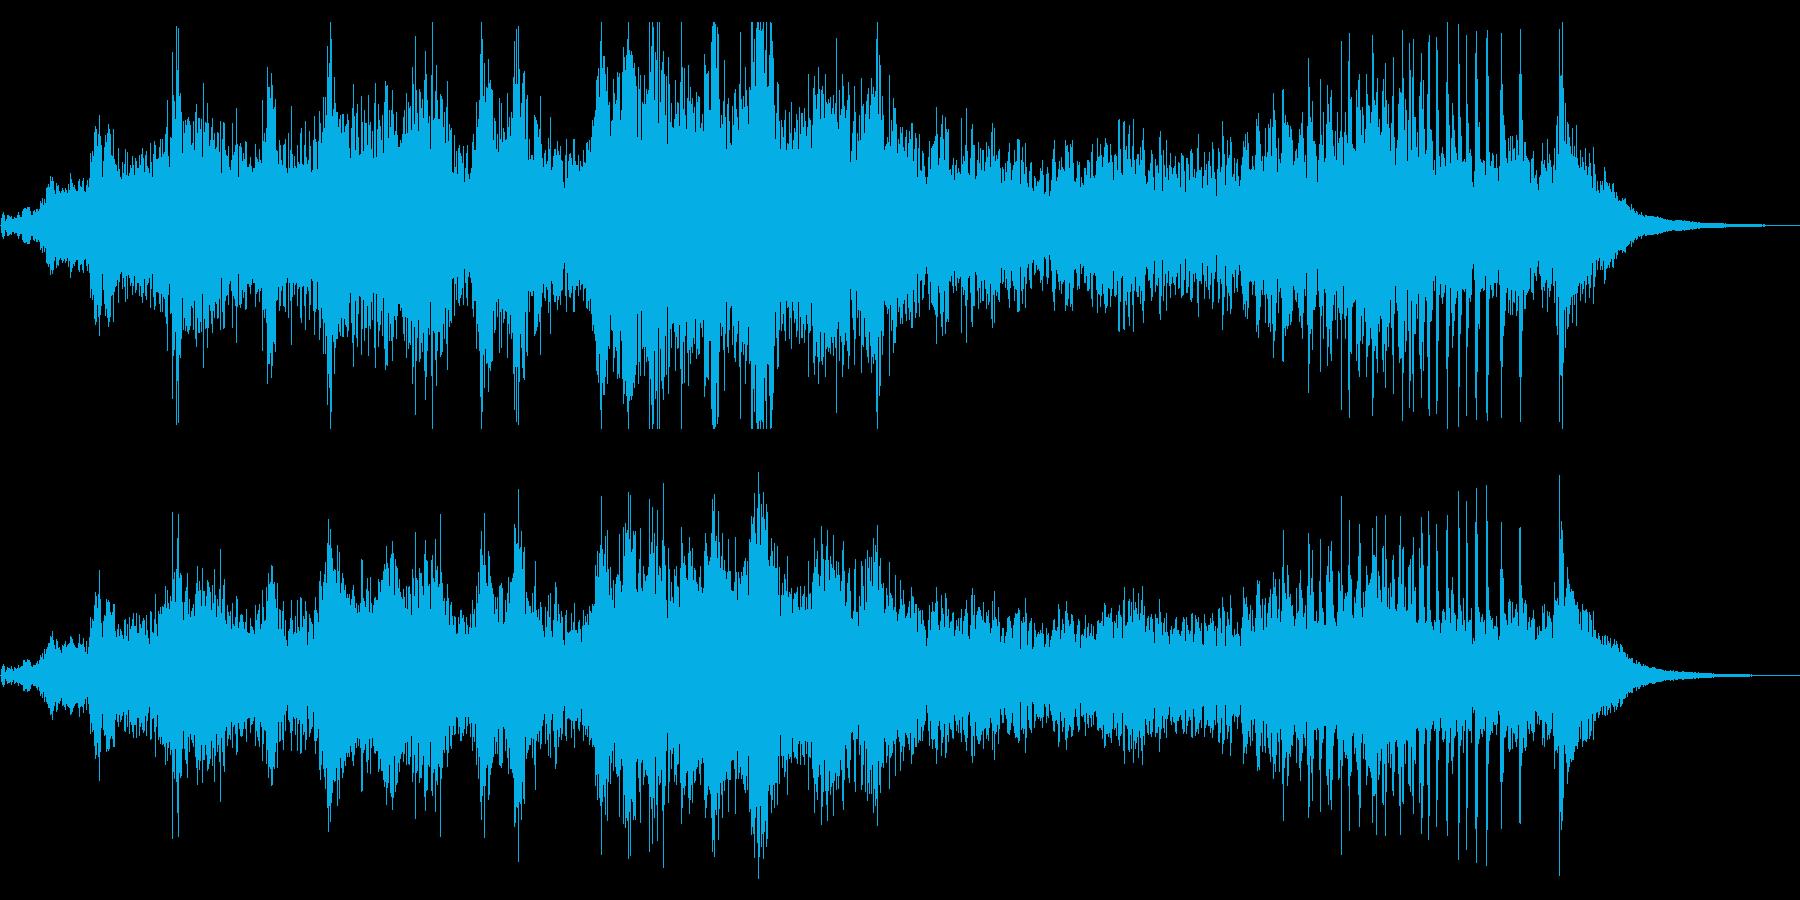 和太鼓やドラの不穏かつ激しいリズムの音楽の再生済みの波形